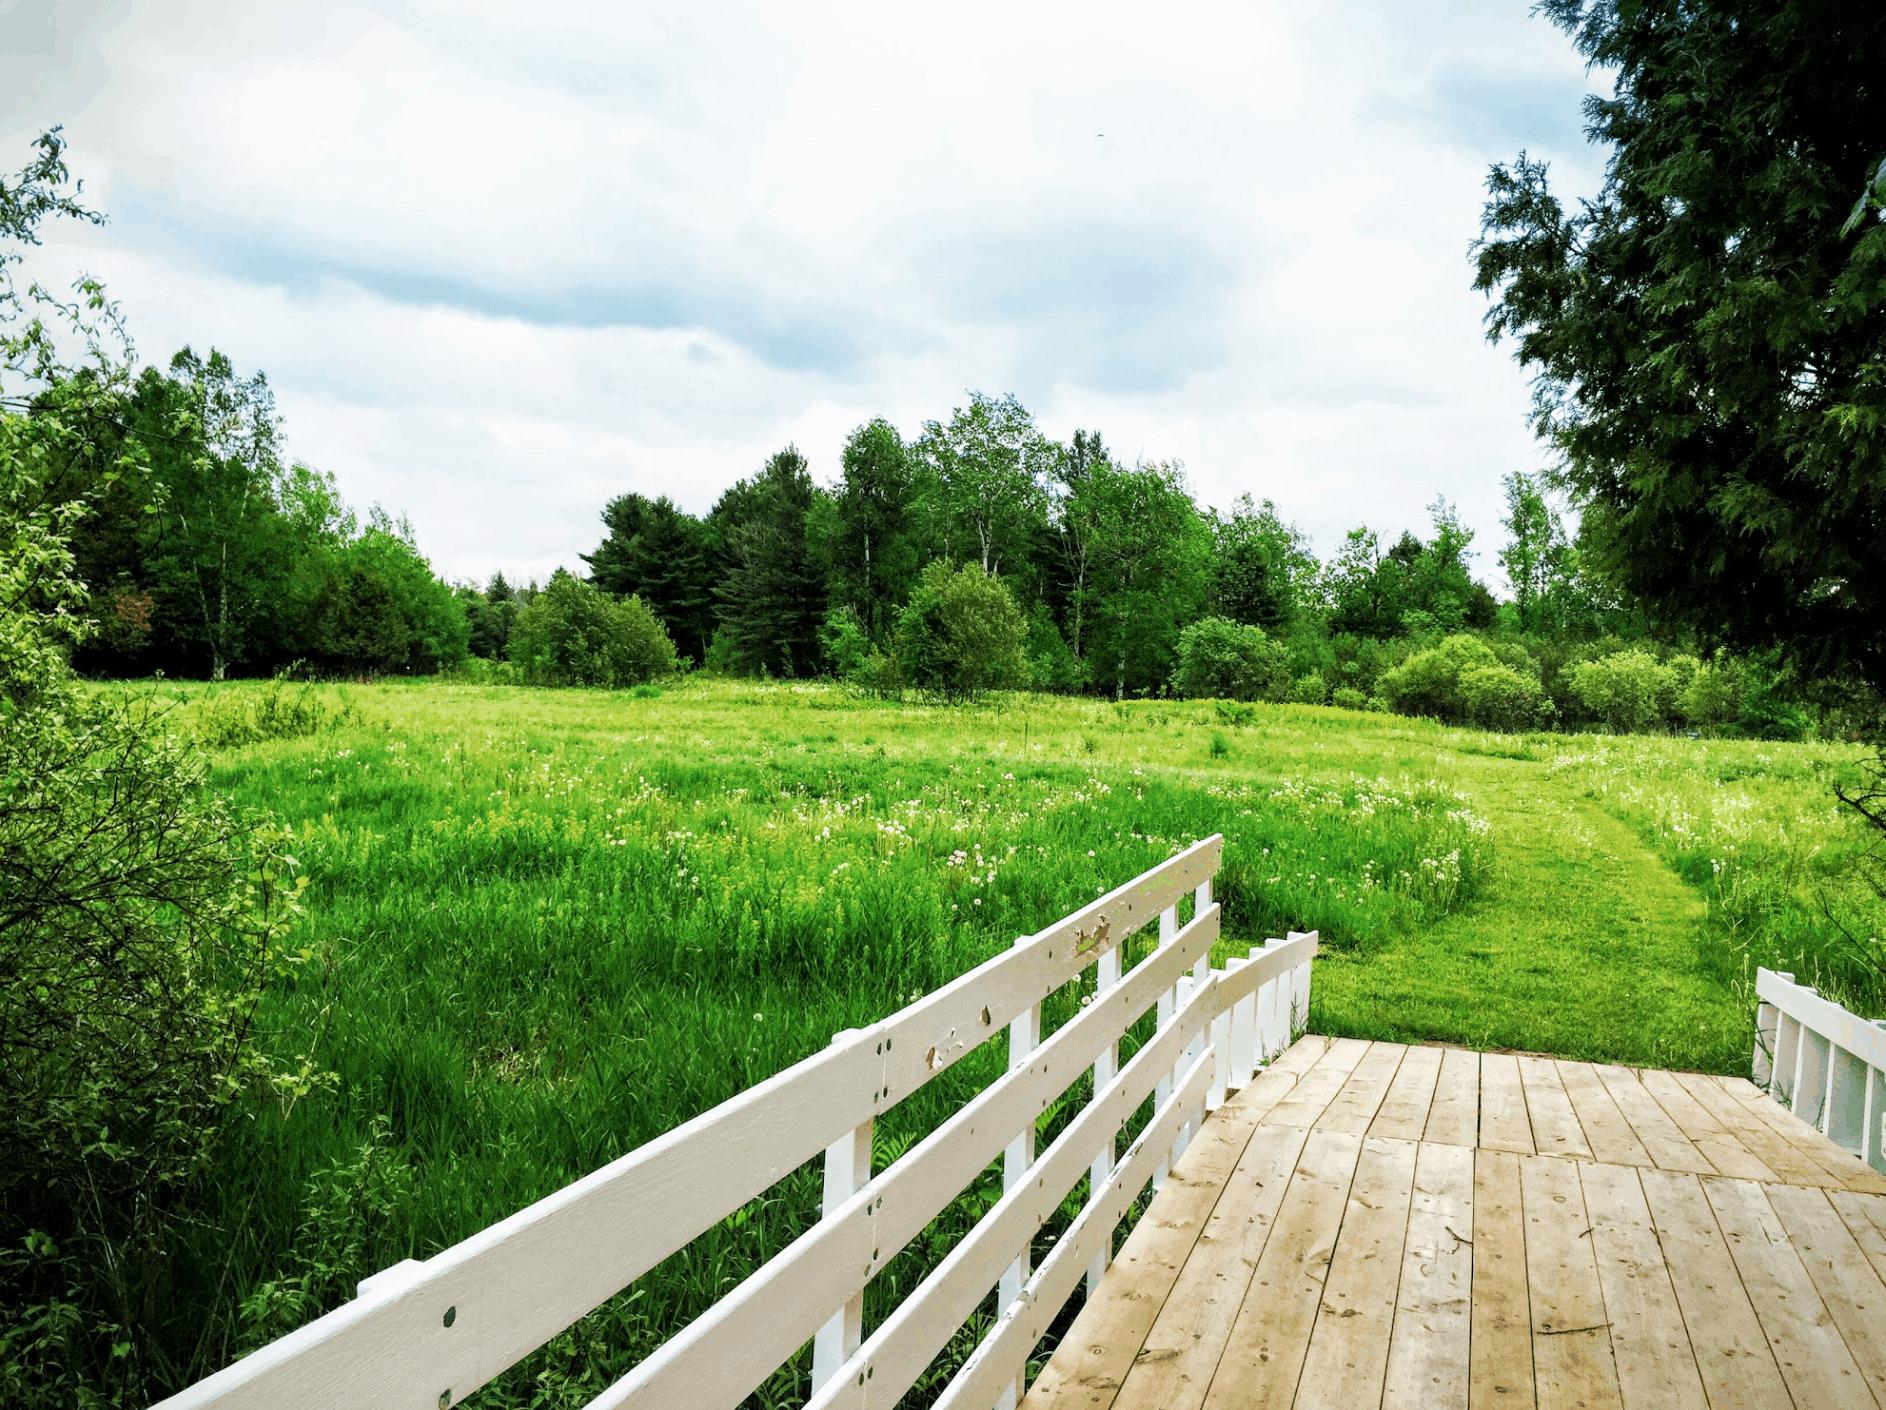 Veronica Valley Park